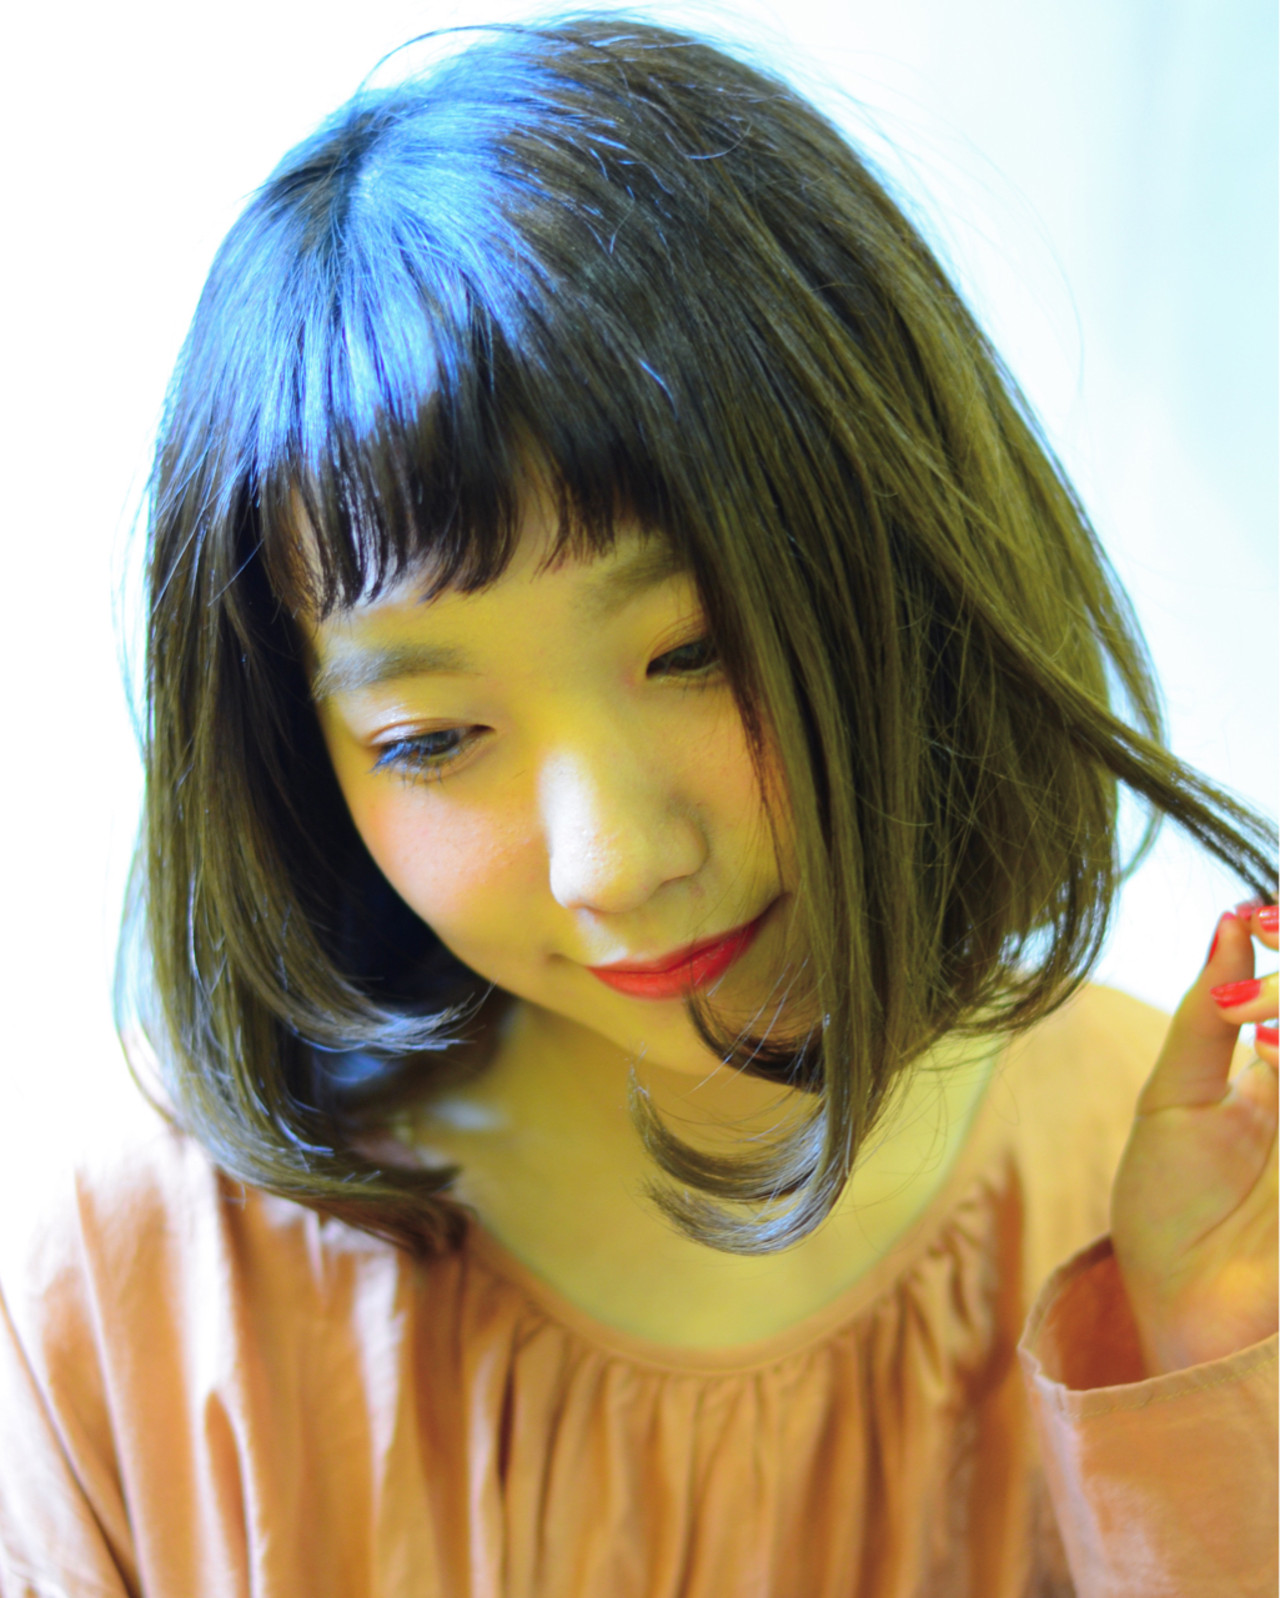 前髪あり 大人女子 フリンジバング 色気 ヘアスタイルや髪型の写真・画像 | 星野忍伸 / SHAMPOOBOY FLAP